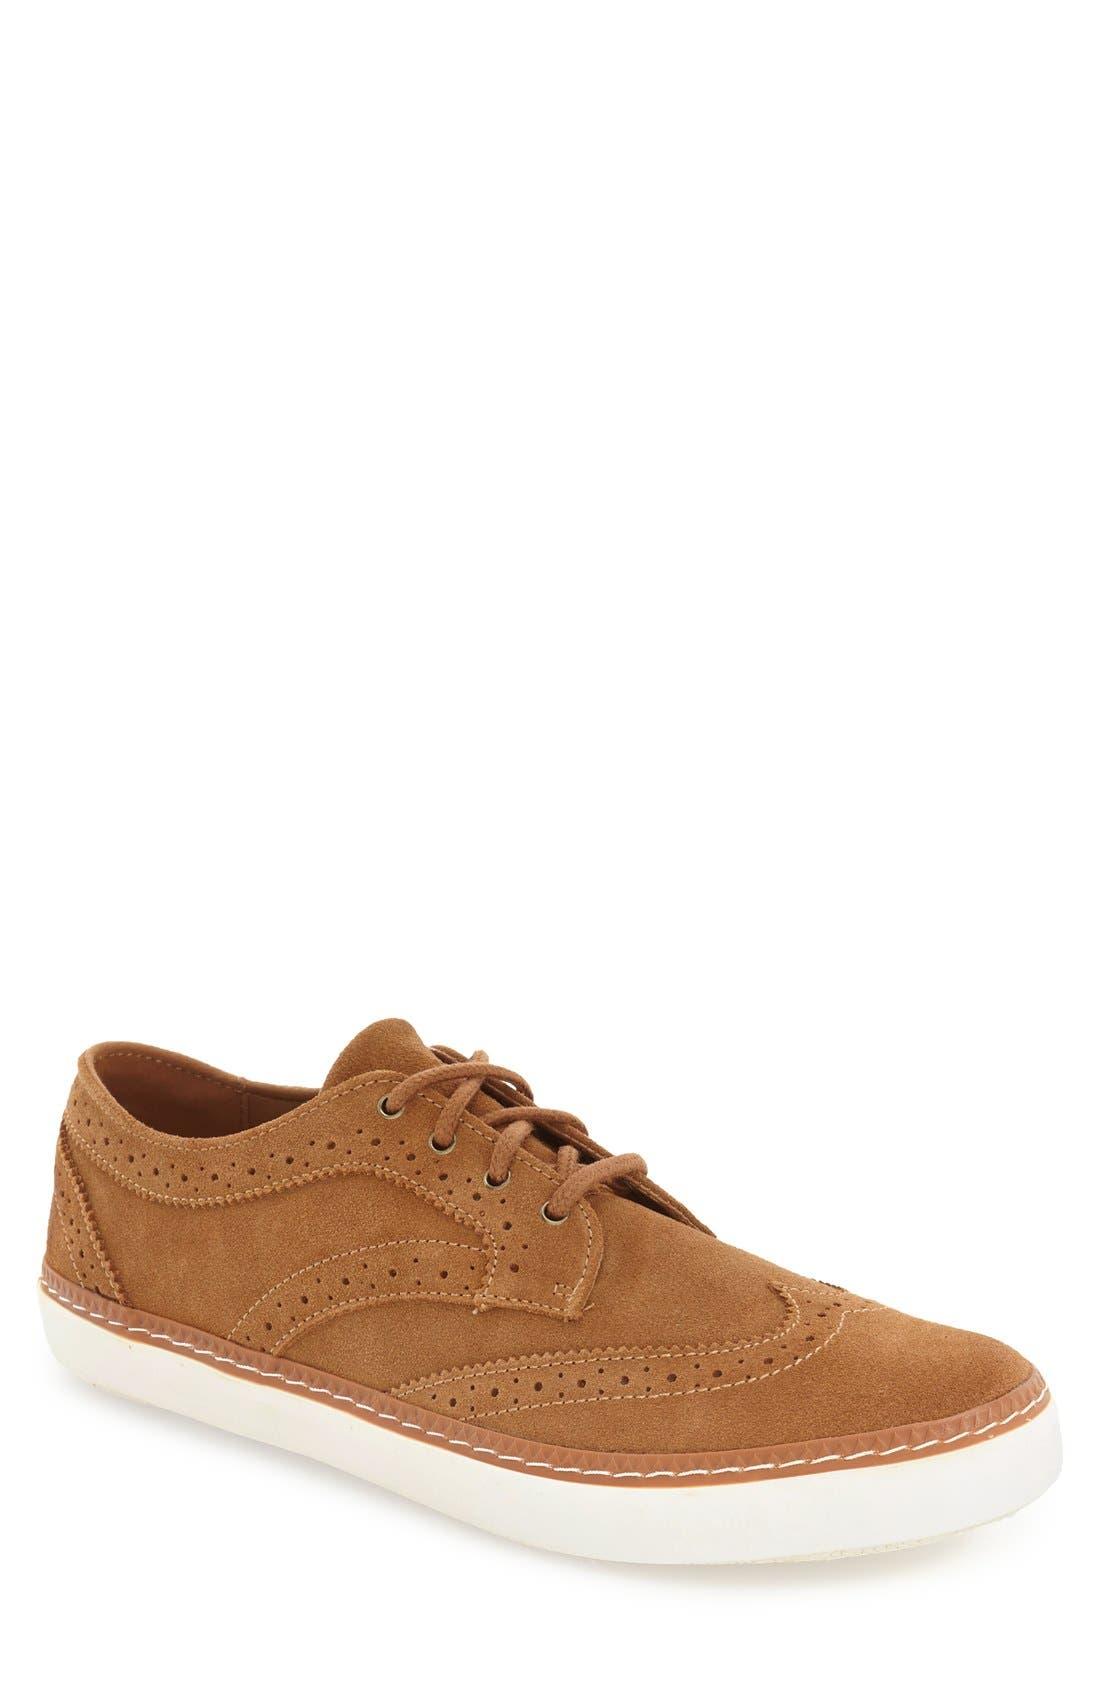 'Novello' Wingtip Sneaker,                         Main,                         color, Daschund Suede